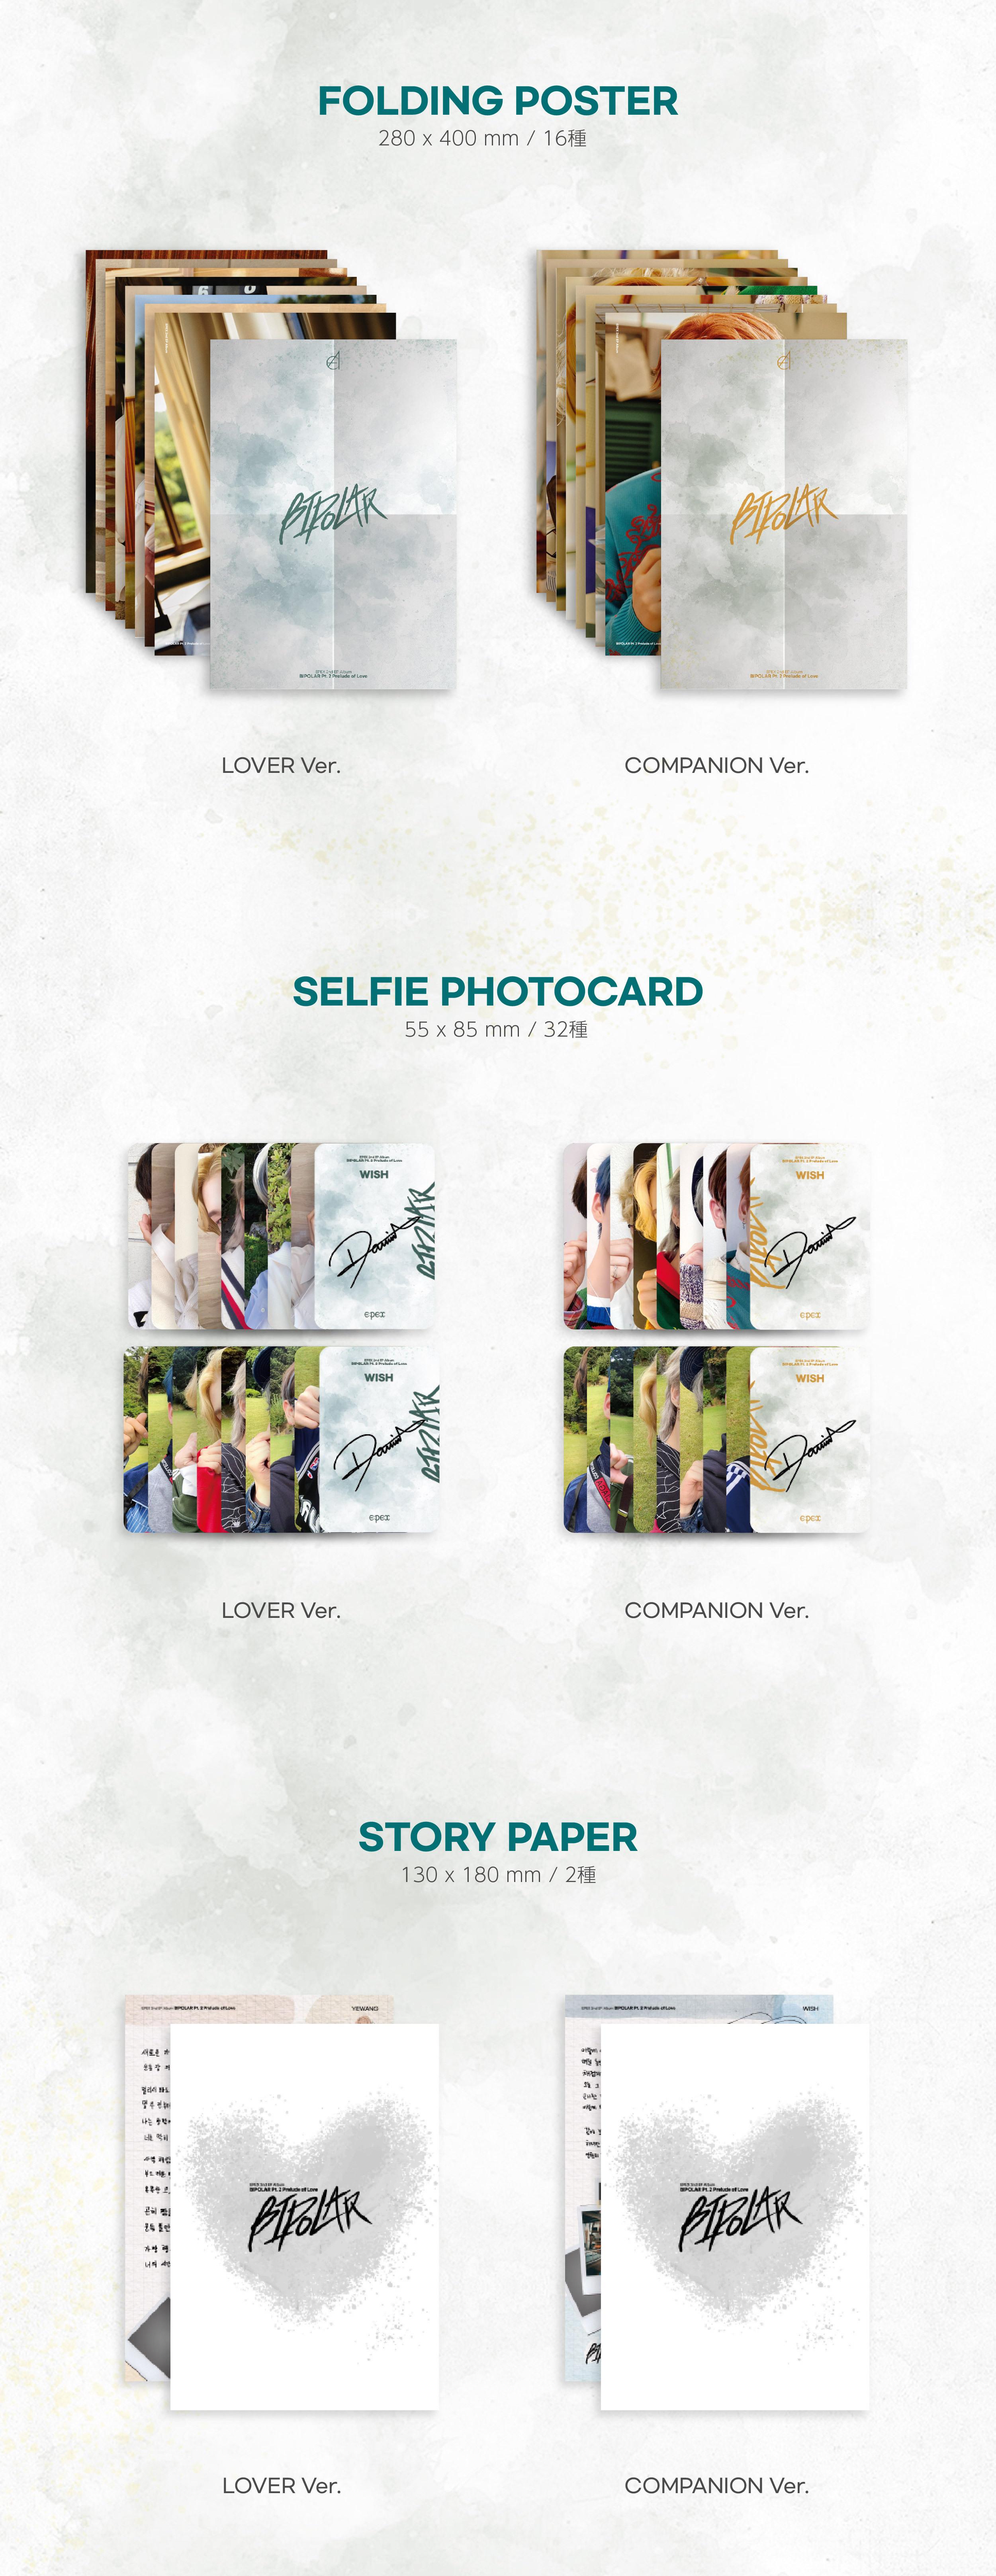 【販売終了/11月12日開催/4部】EPEX 2nd EP Album BIPOLAR Pt. 2 사랑의 서 : Prelude of Love【オンライン個別握手会対象】